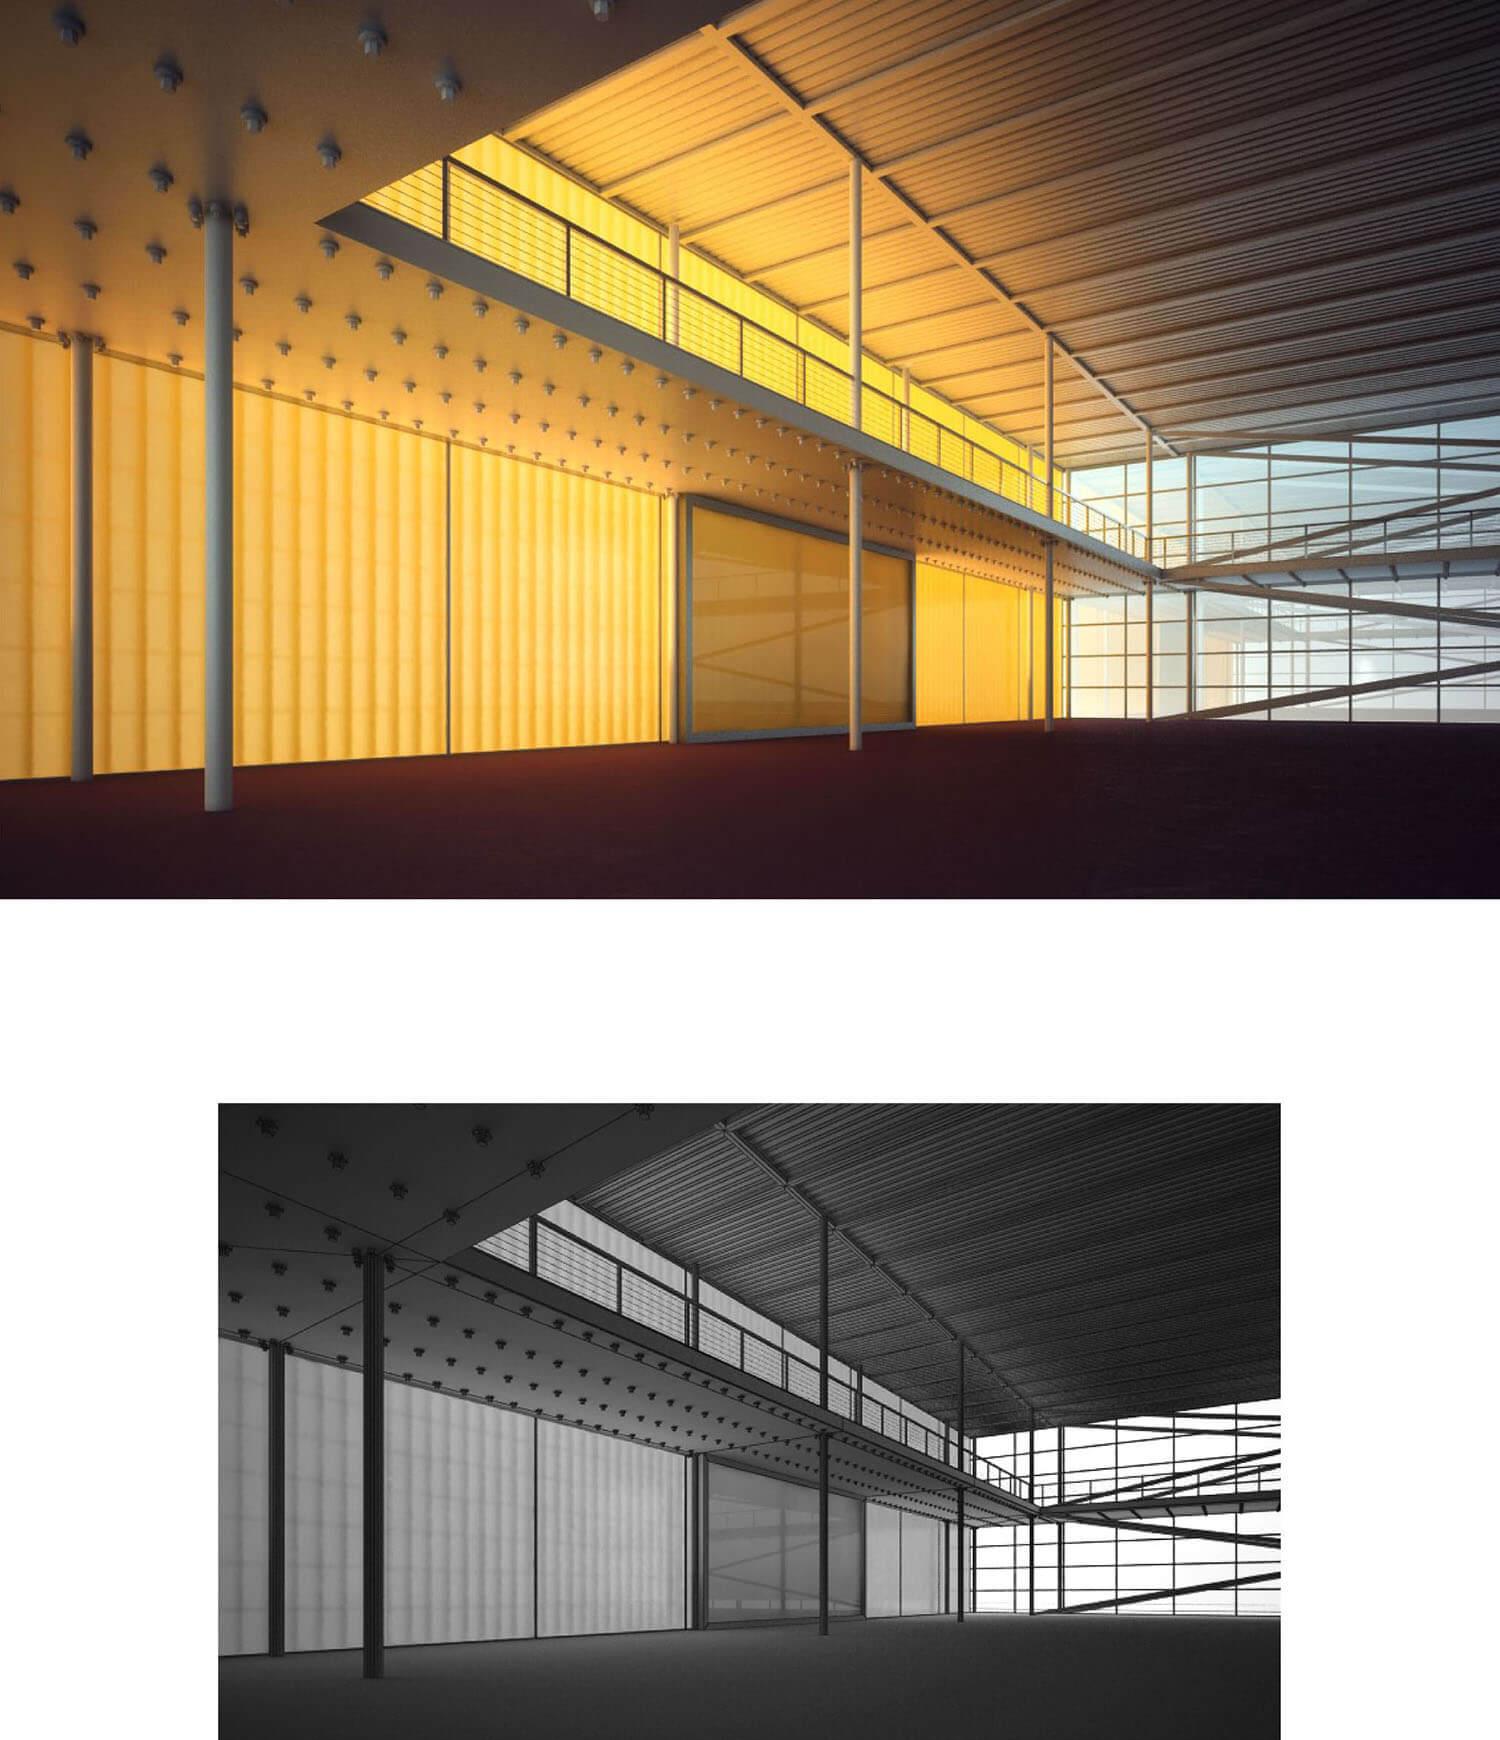 Thiết kế hành lang không gian bằng mái tôn và trụ sắt rất mạnh mẽ và hầm hố